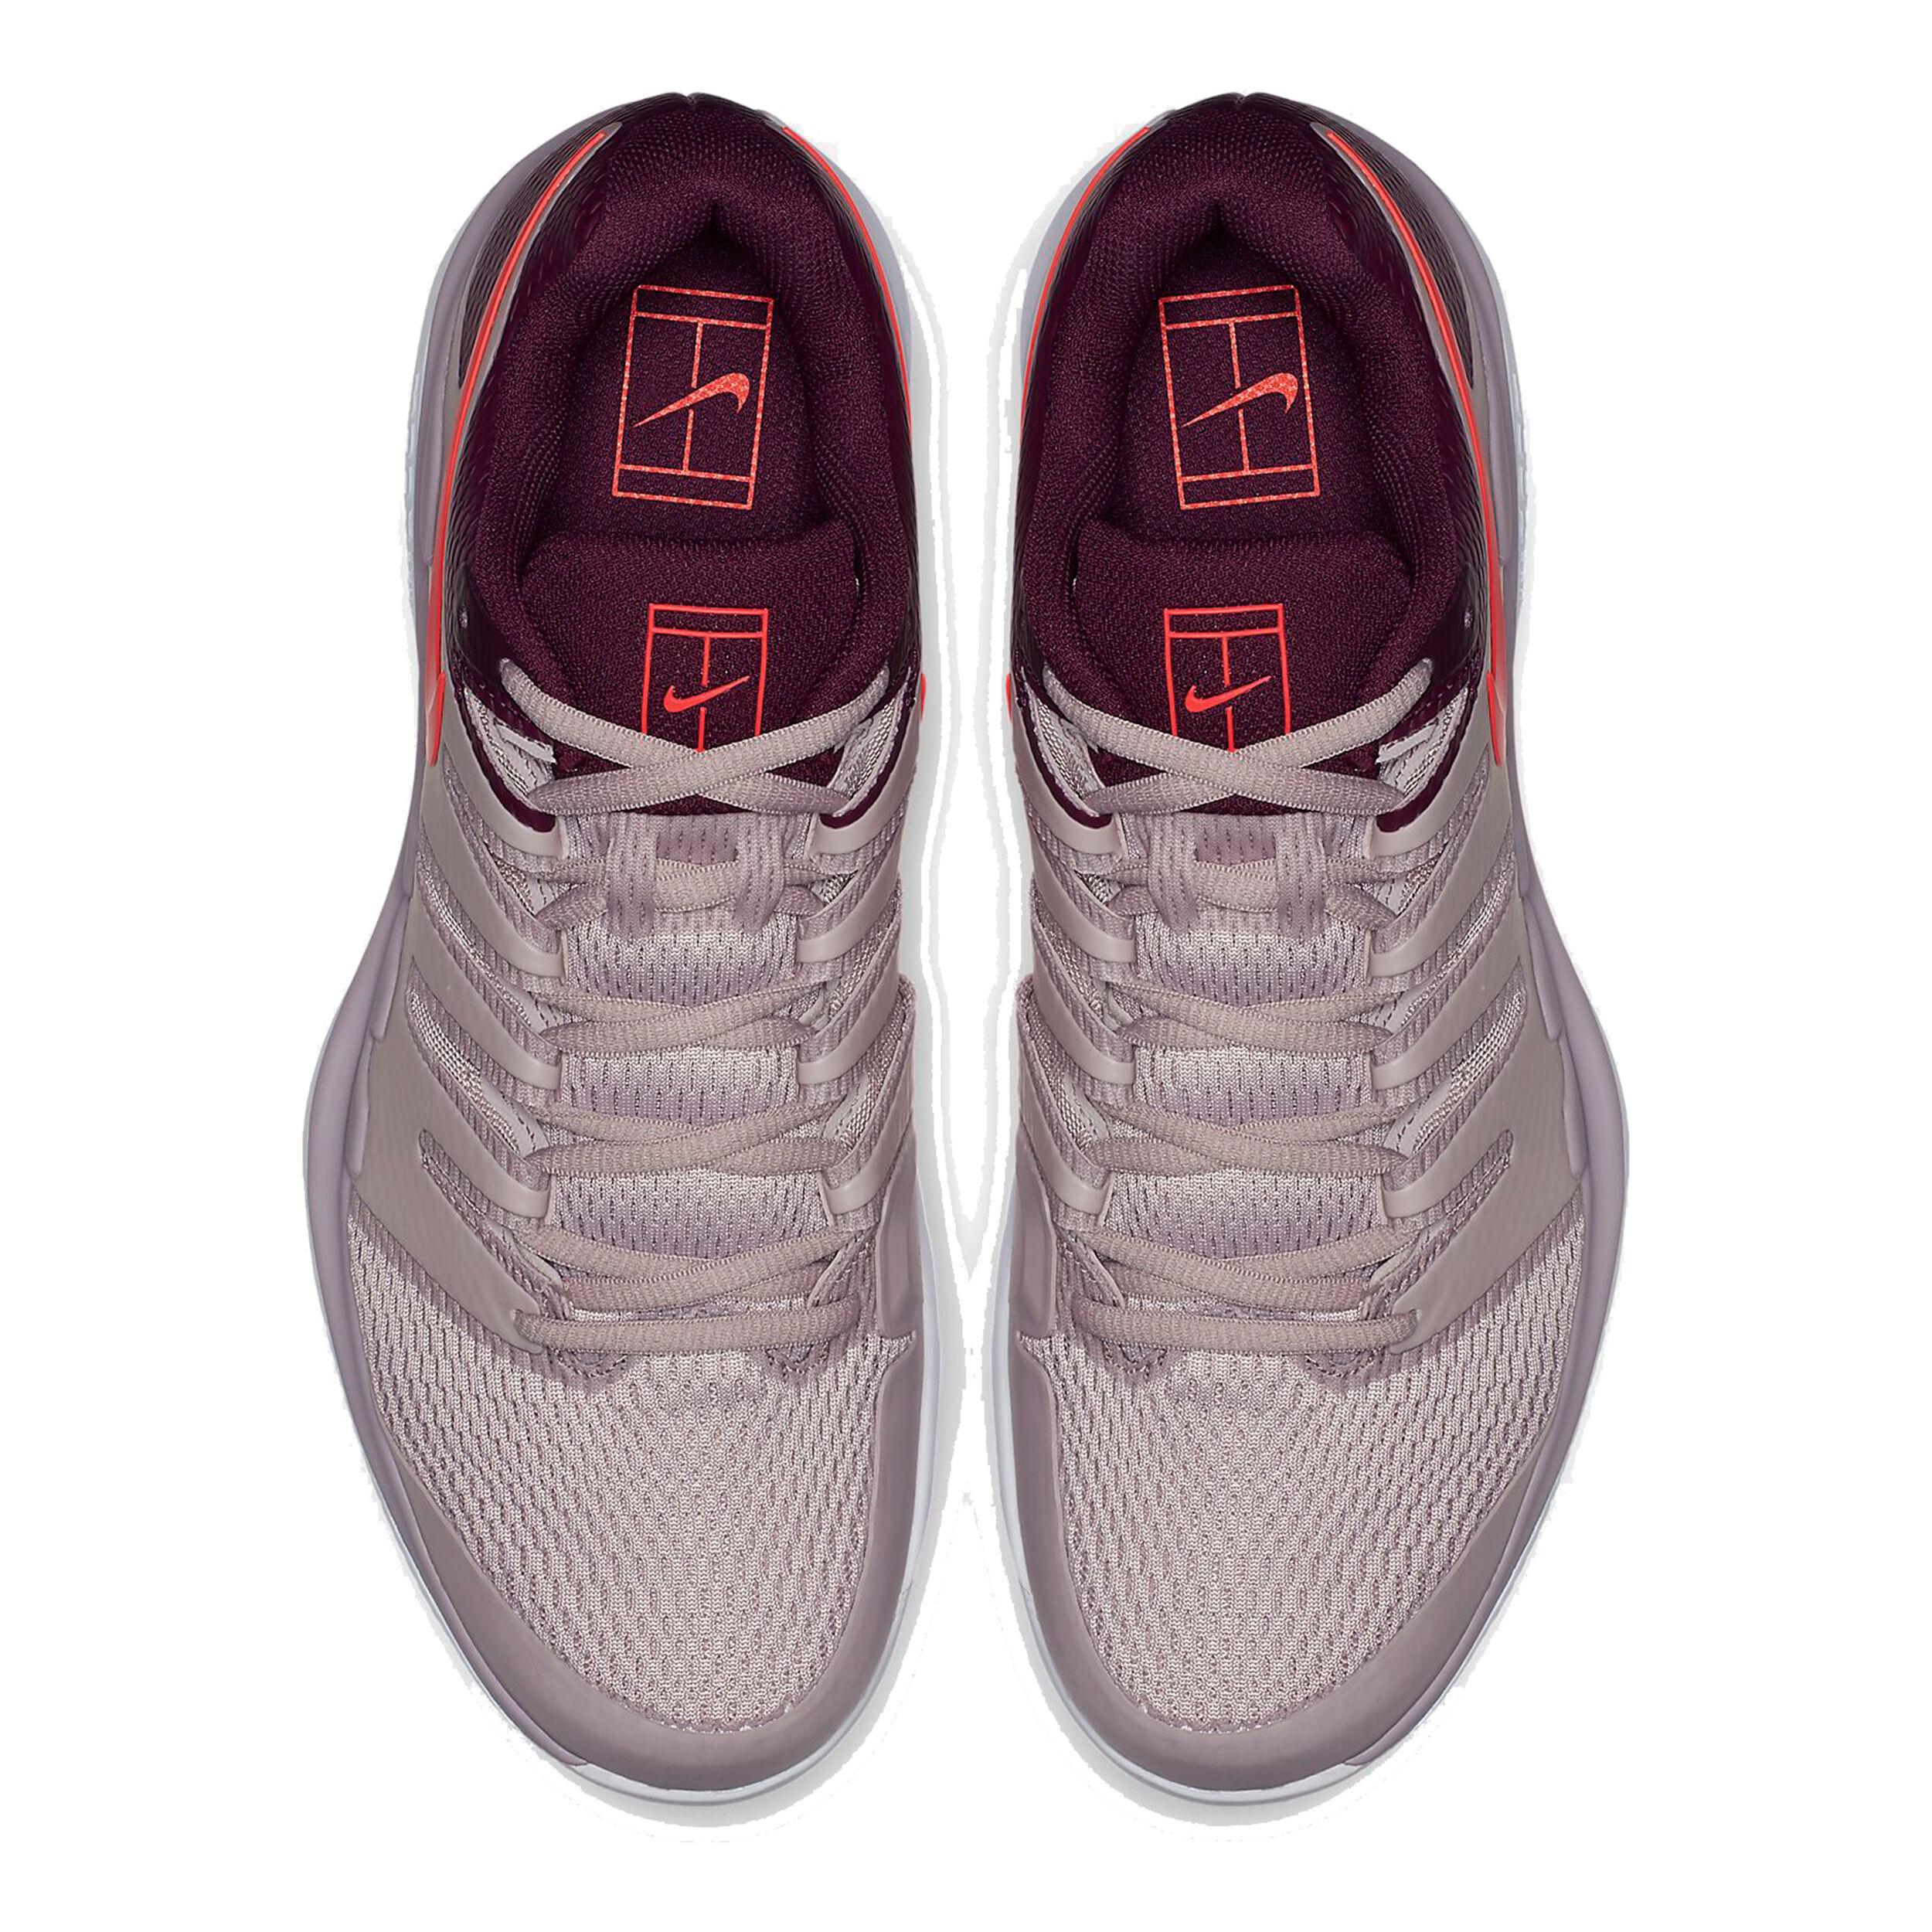 Scarpe Da Tennis Donna Nike Air Zoom Vapor X Bordò